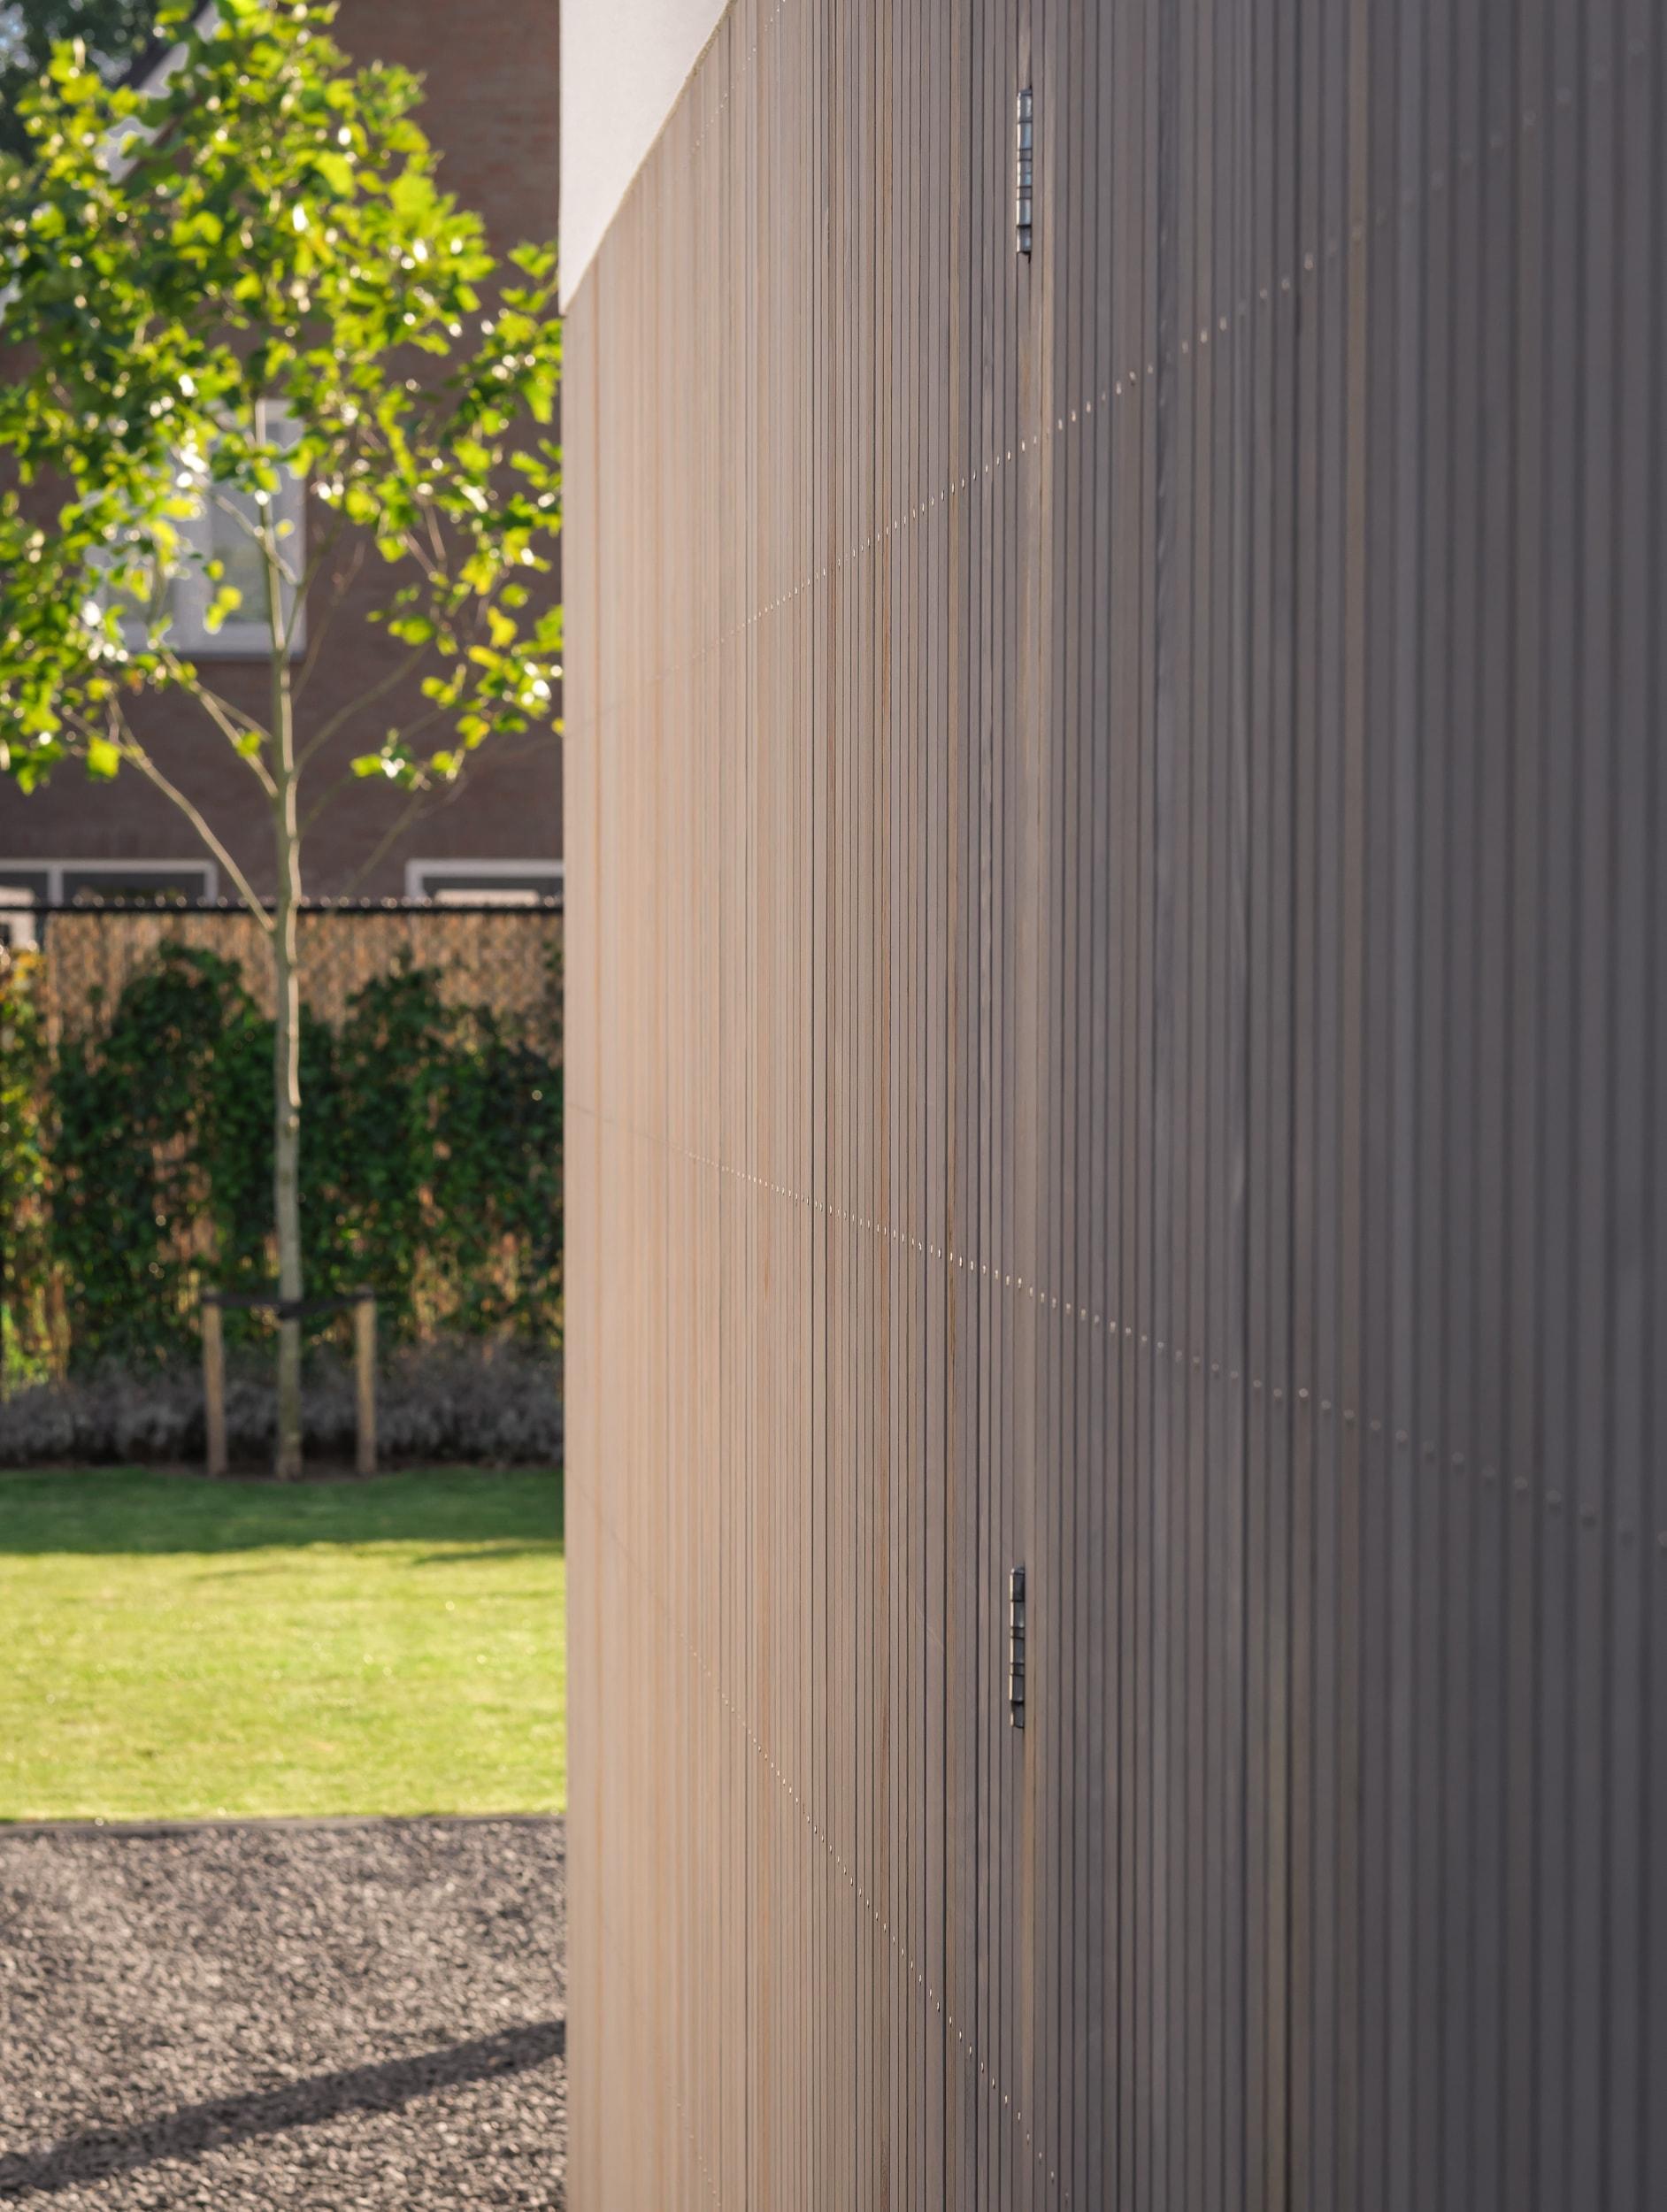 van-os-architecten-nieuwbouw-woning-Hoge-Gouw-Teteringen-detail-houten-gevelbekleding-en-horizontale-bevestiging